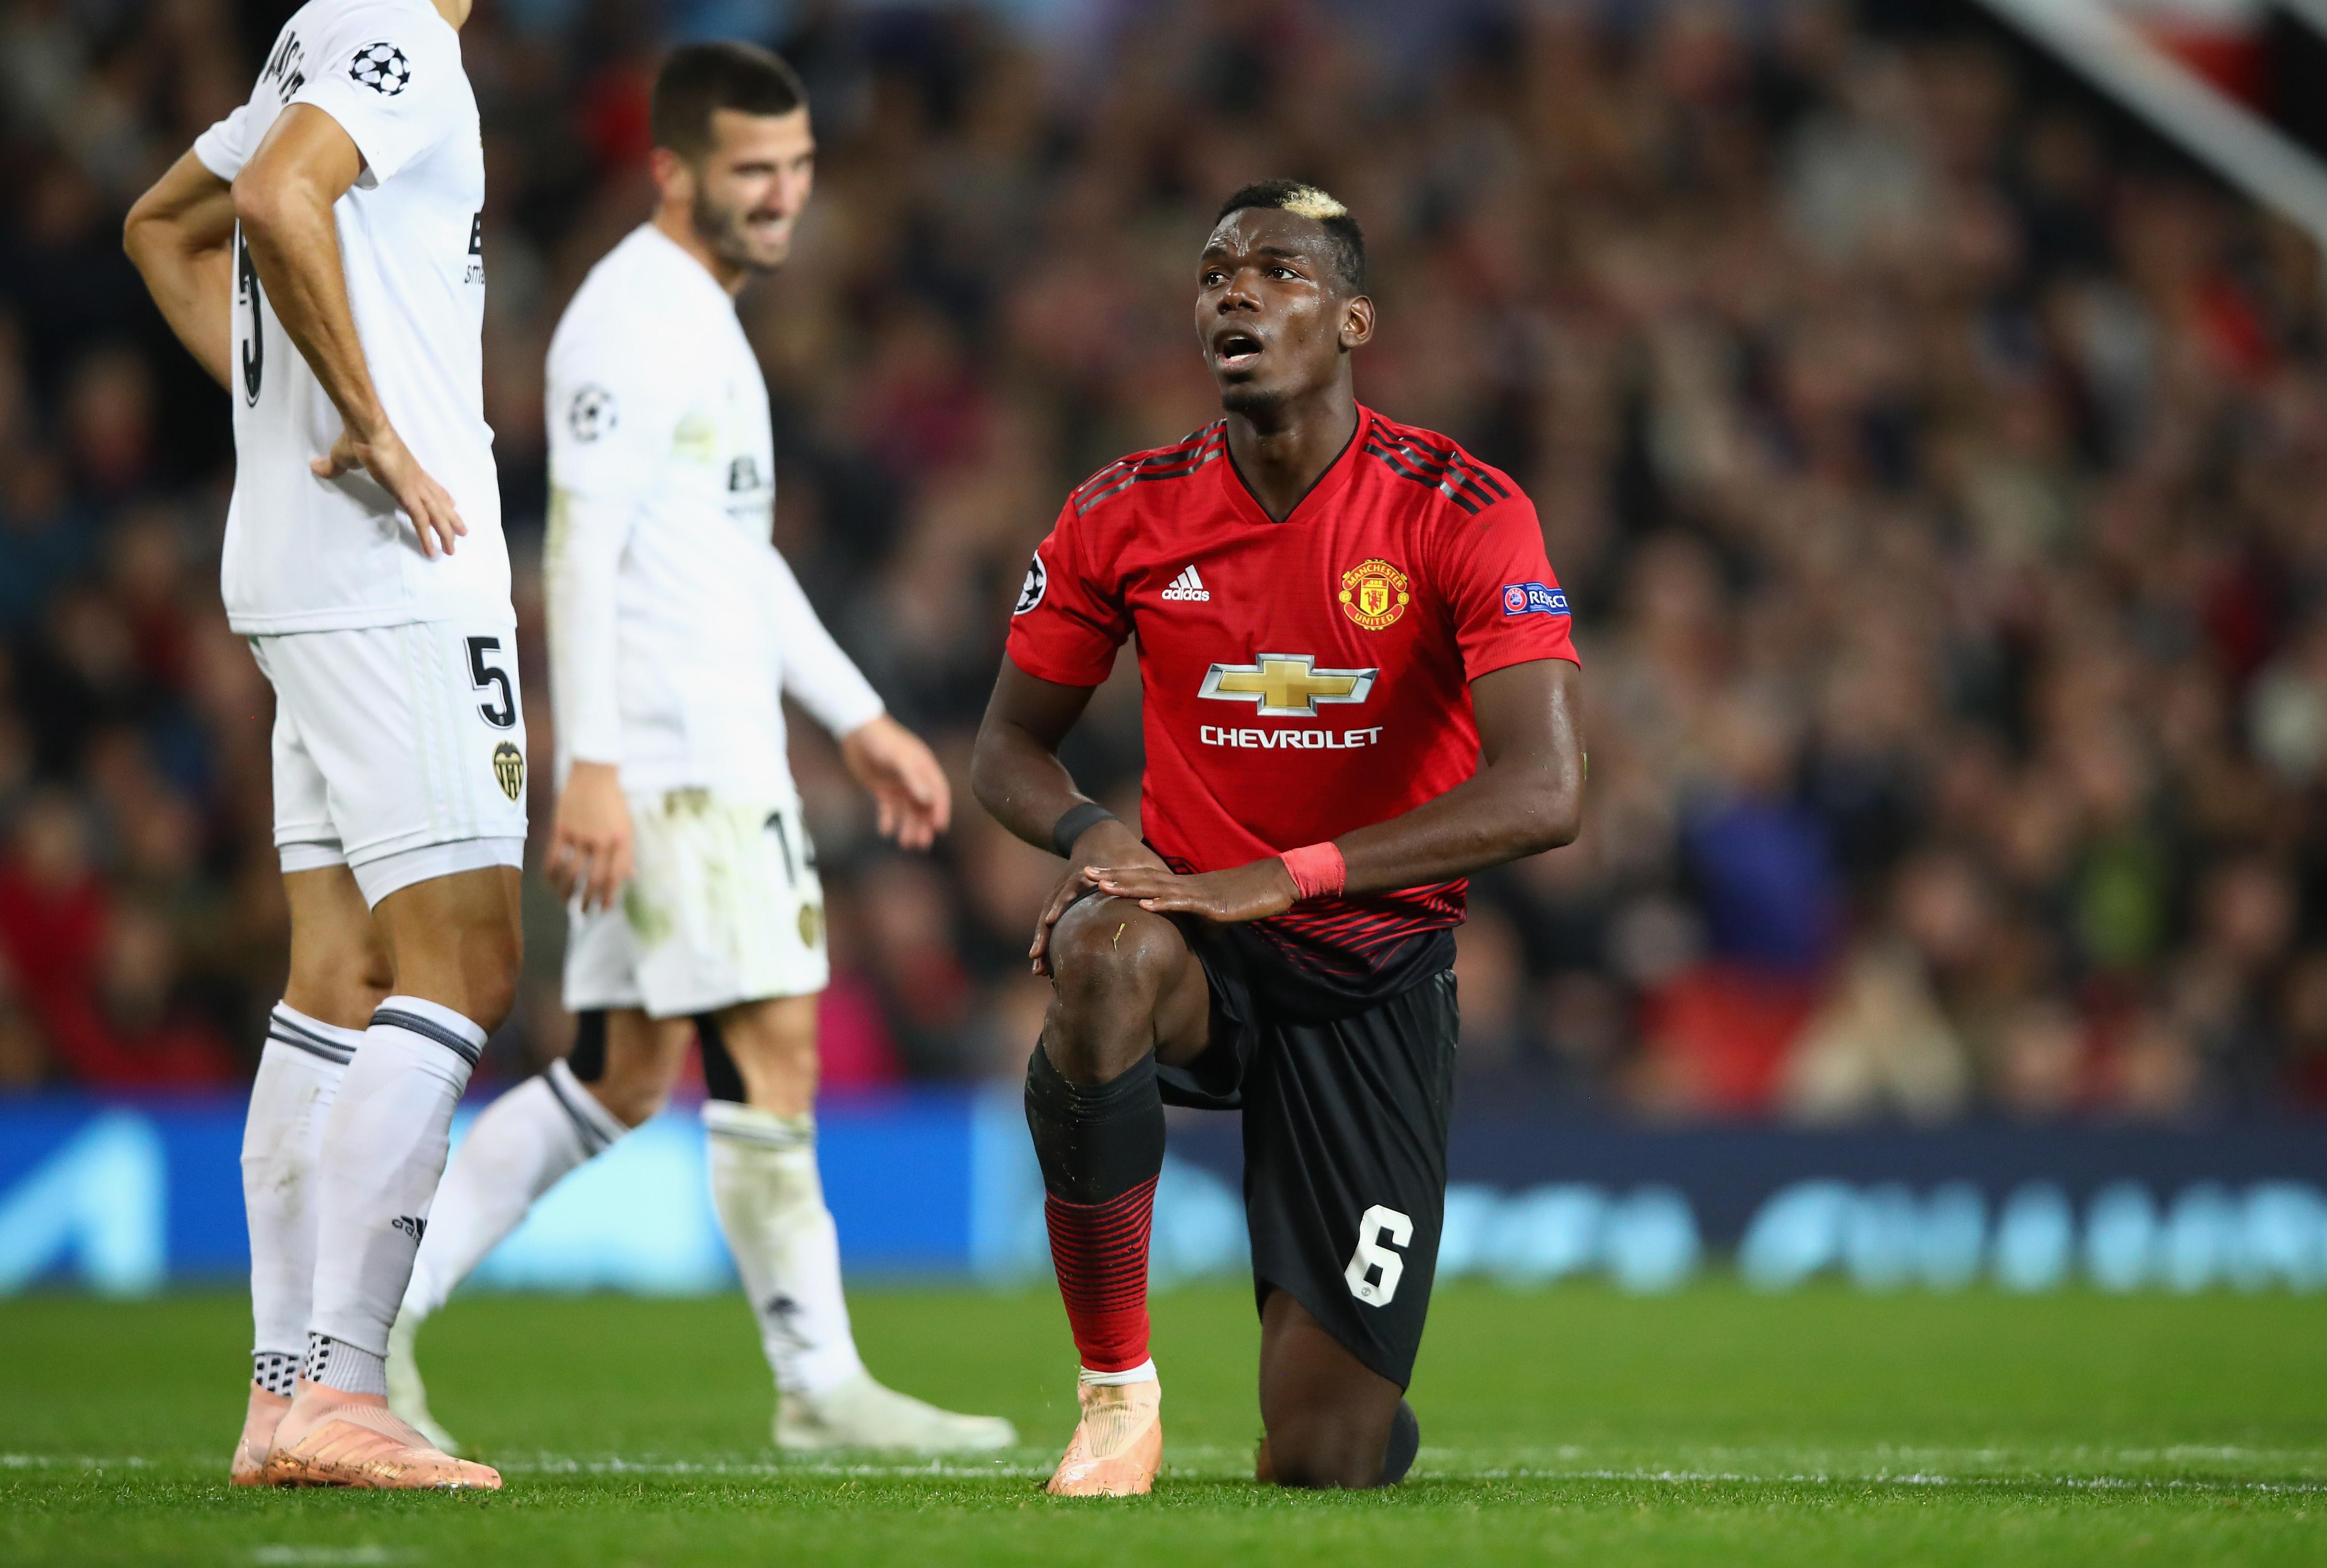 ¡Tómala! UEFA sancionará al Manchester United por llegar tarde al partido de Champions